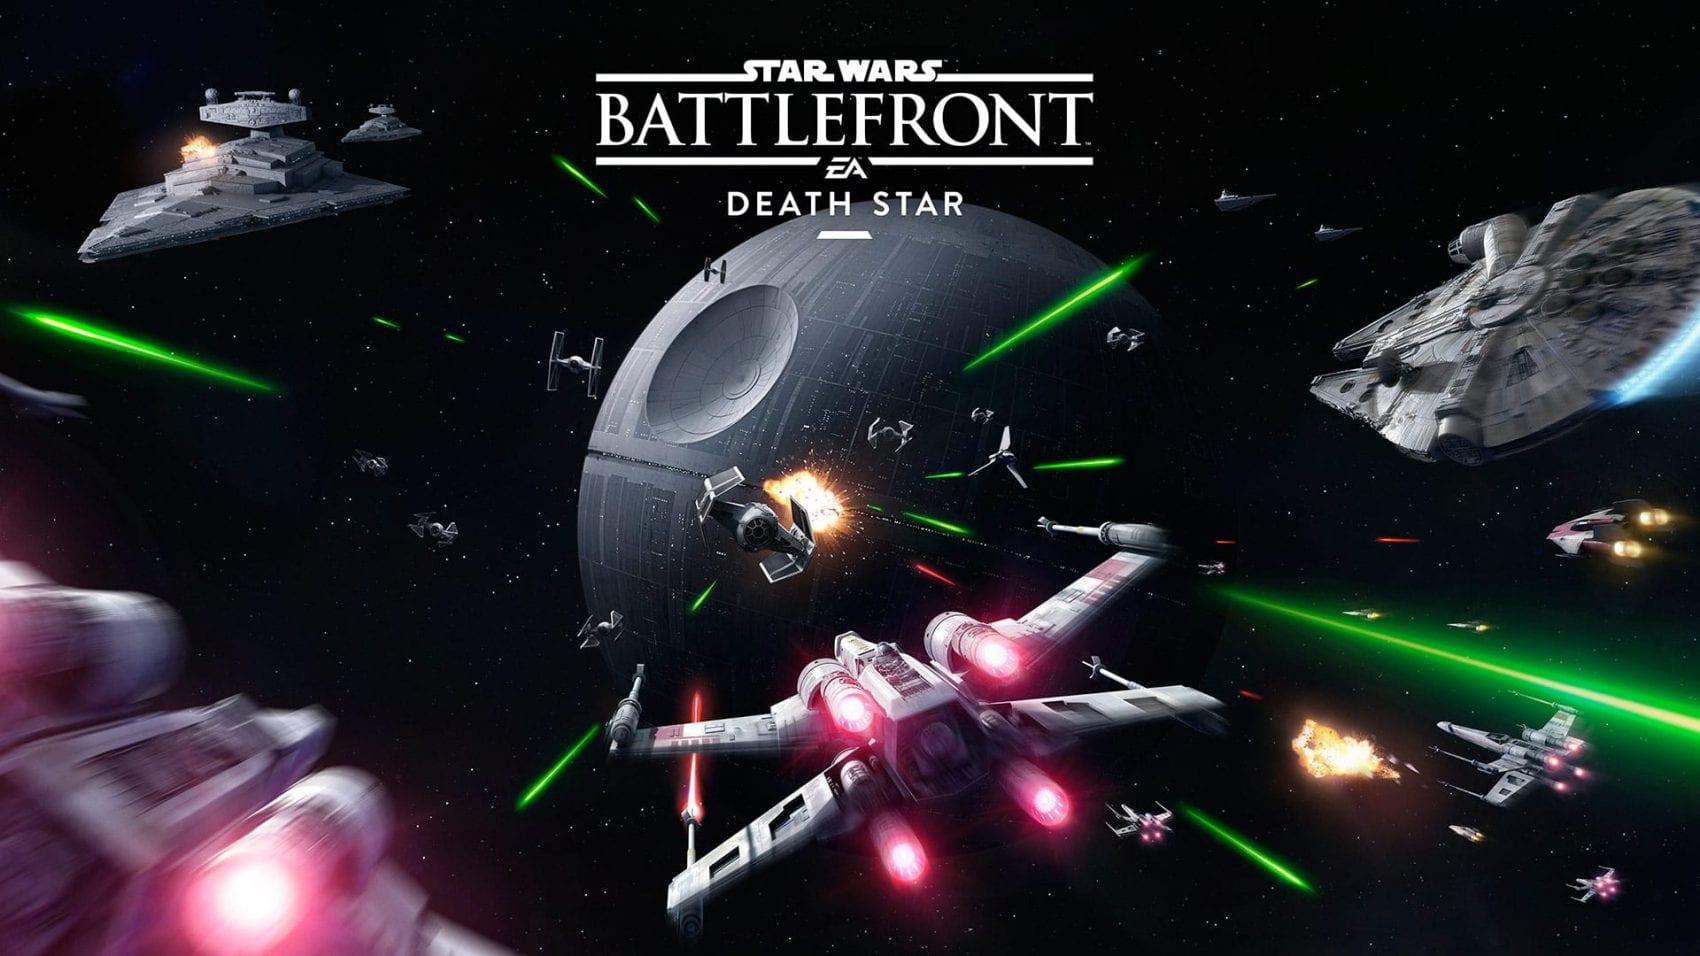 Star Wars Battlefront Death Star News My Geek Actu